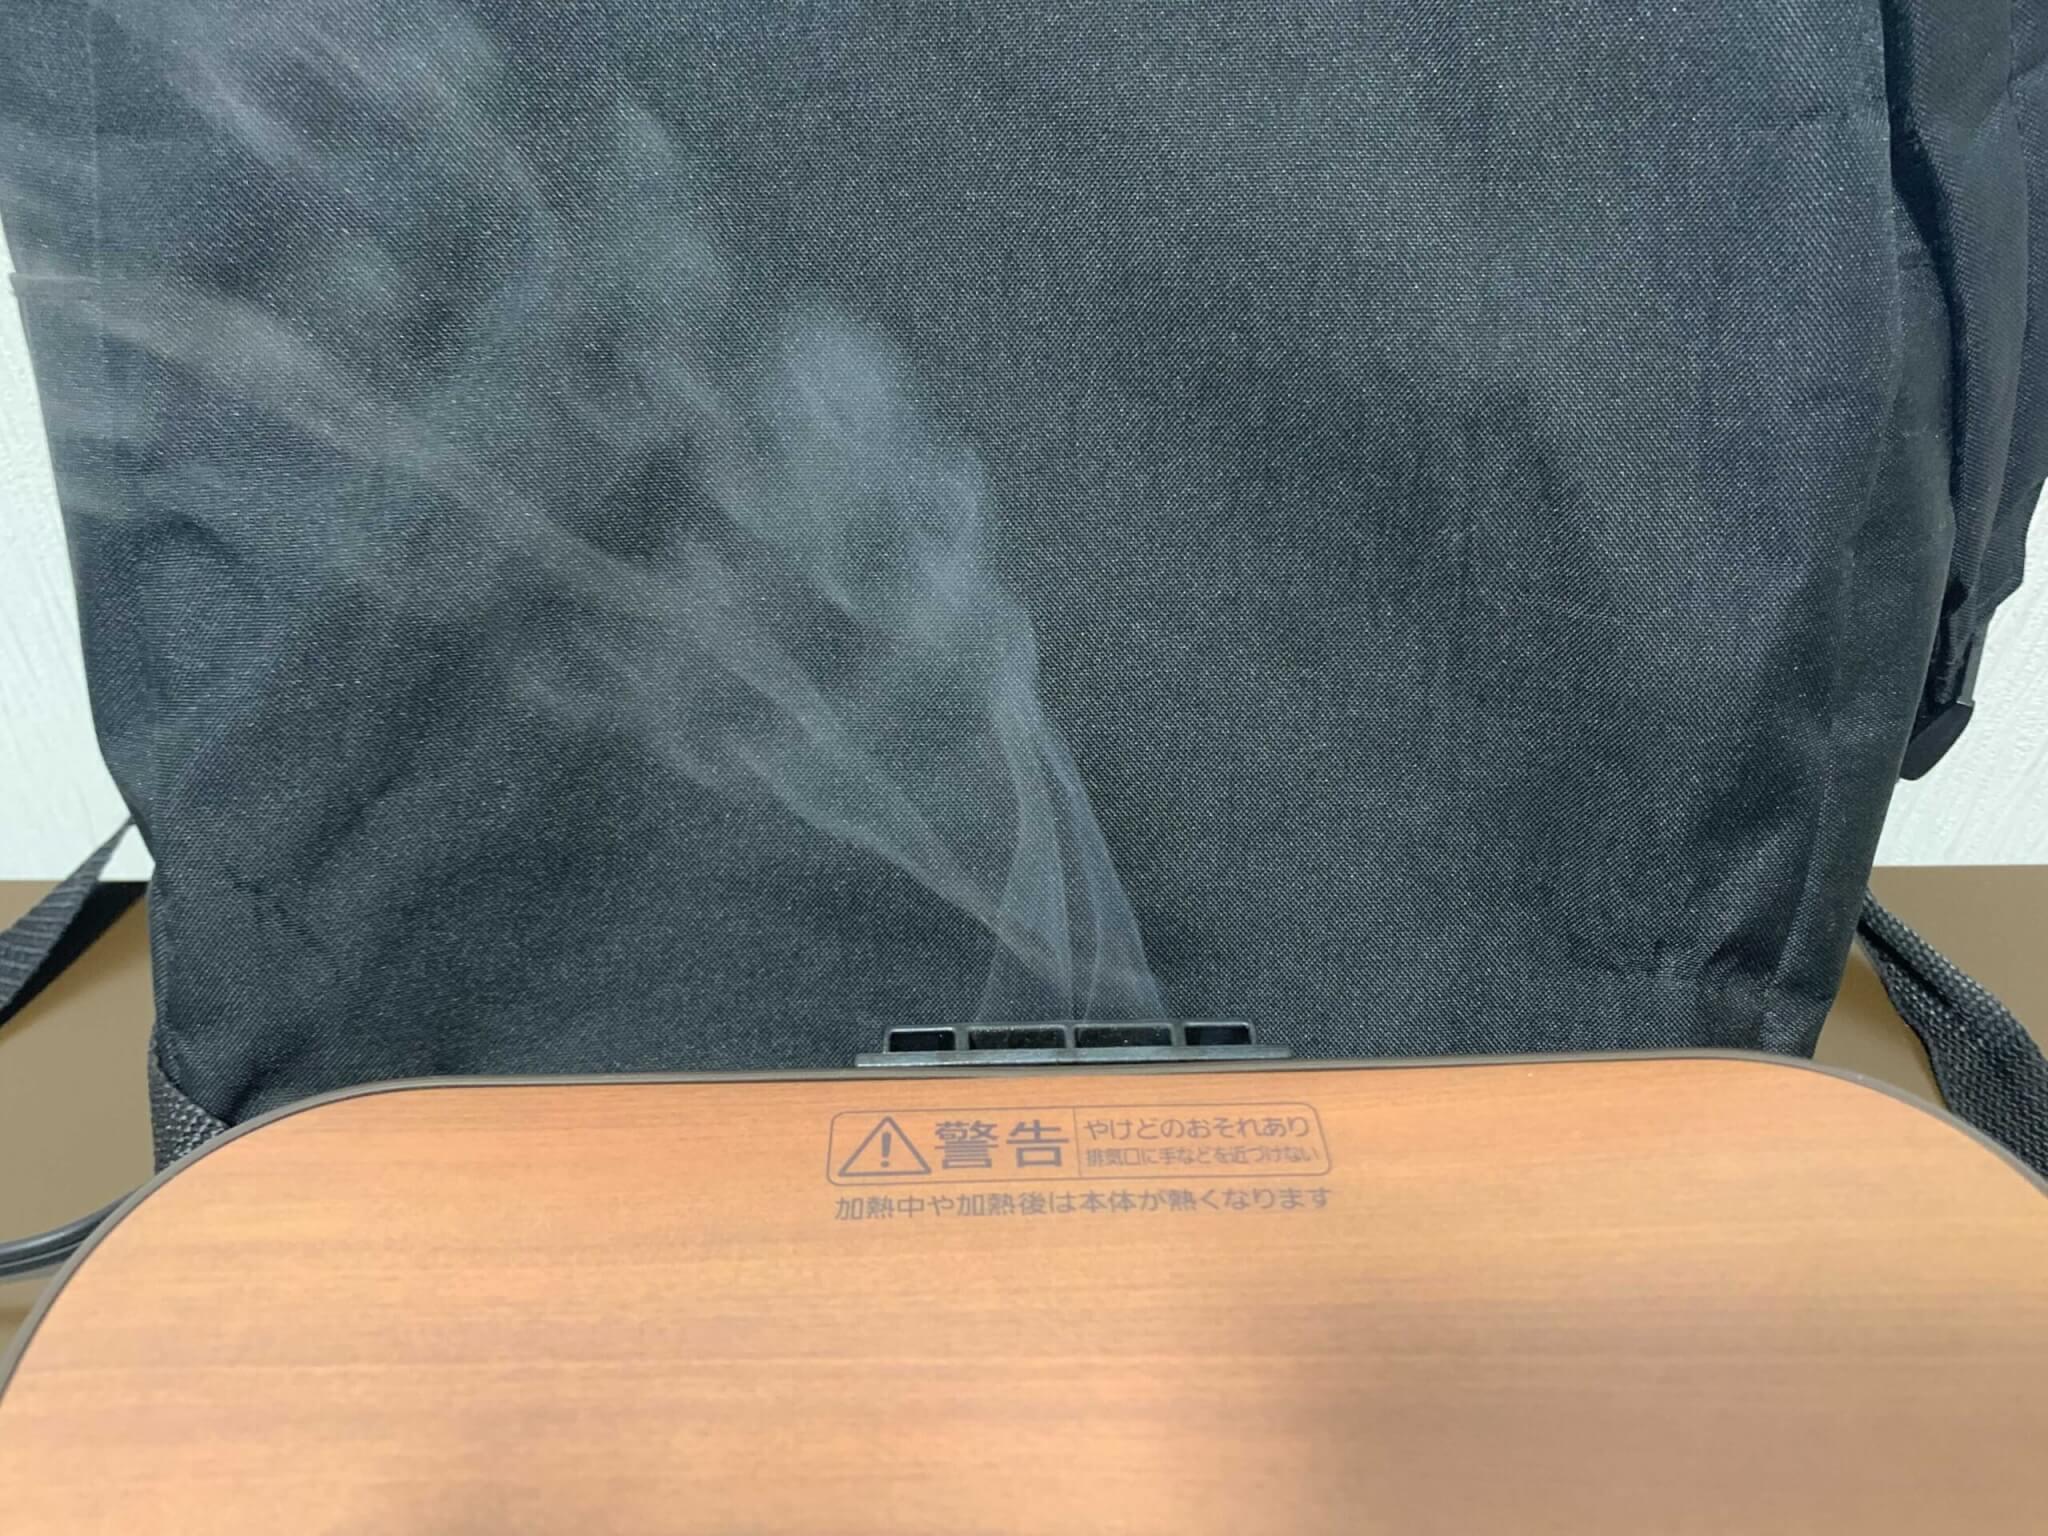 密封断熱機構 蒸気